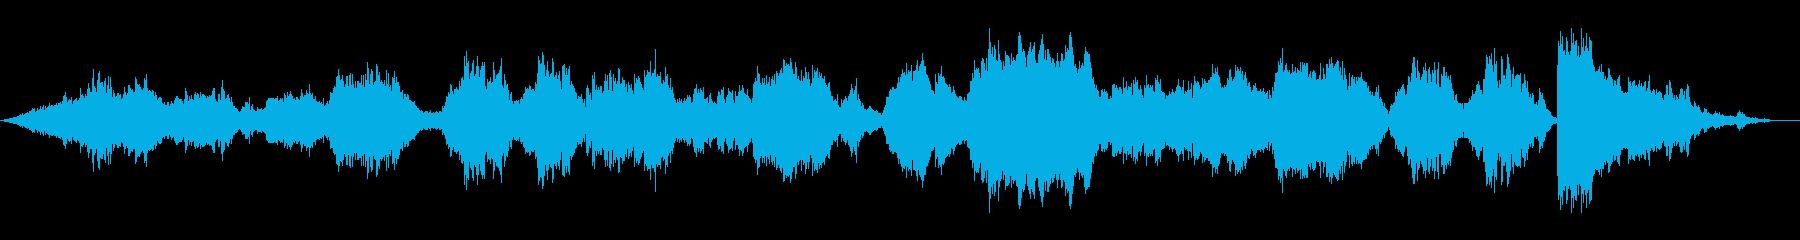 イージーリスニング風結婚行進曲ワグナーの再生済みの波形